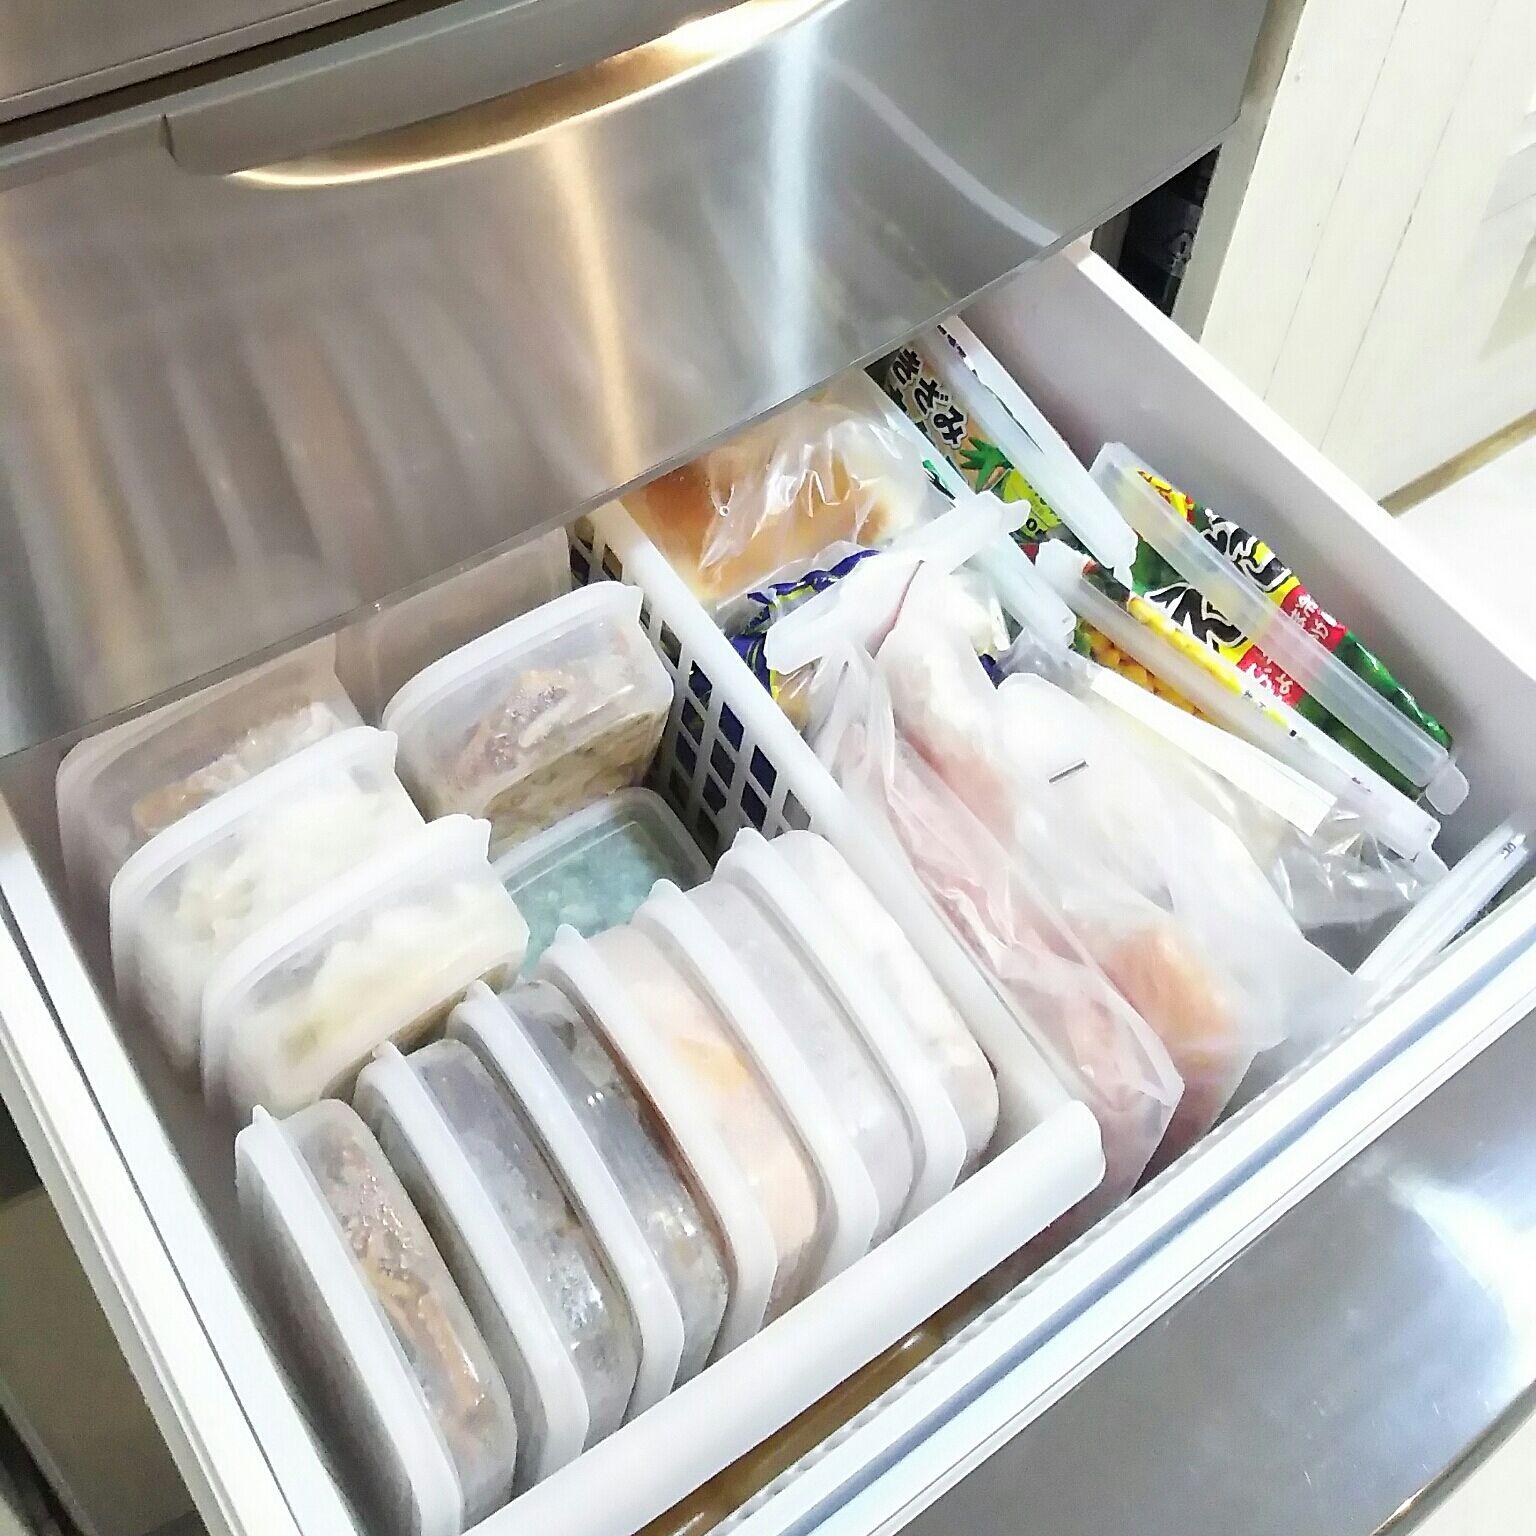 すぐにできる冷凍庫の収納テク!製氷皿や100均グッズでスペース確保